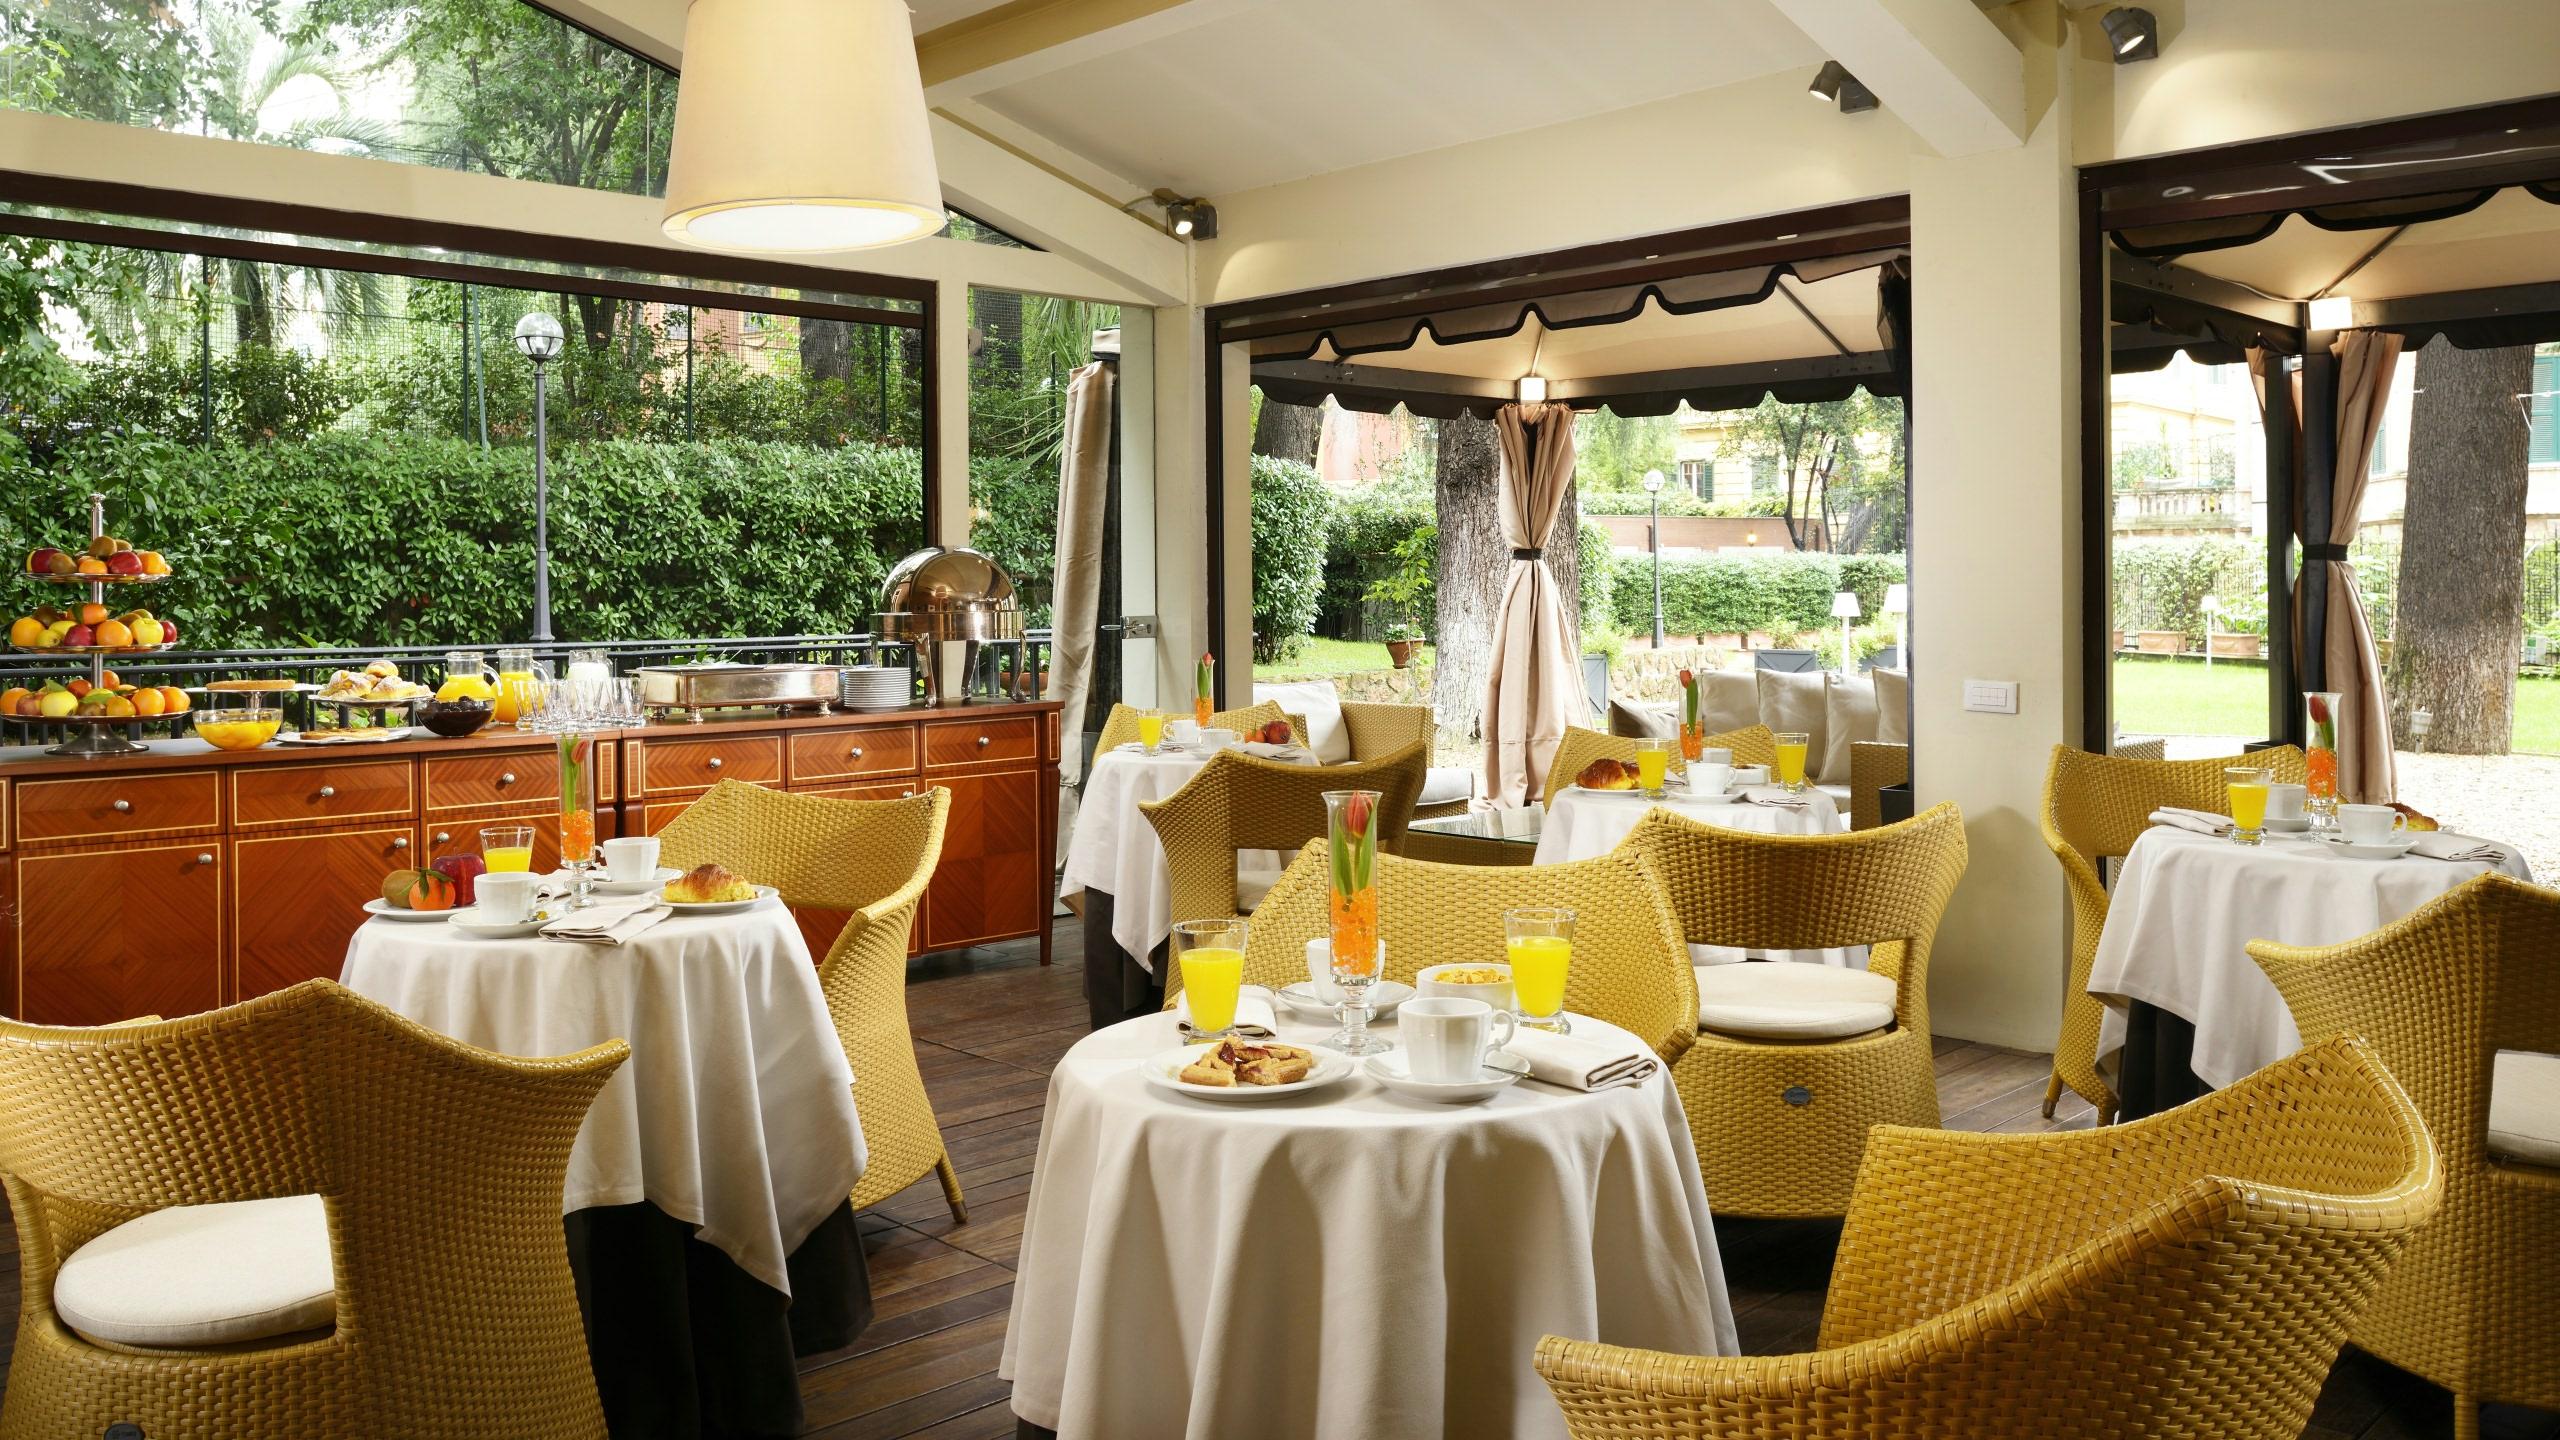 hotel-principe-torlonia-spazi-comuni-03